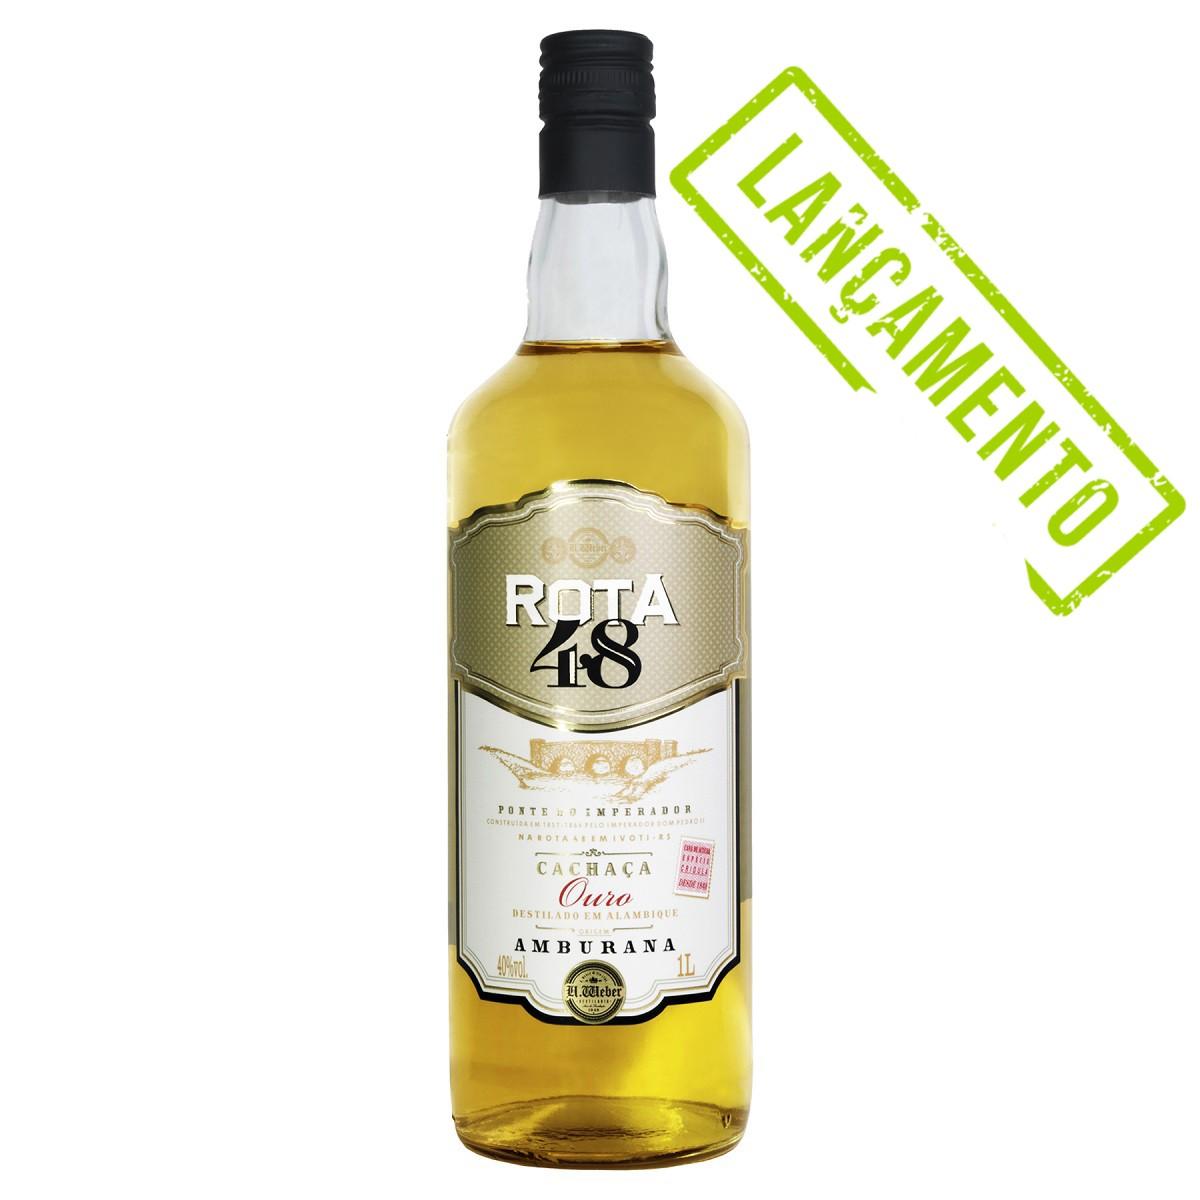 Kit lançamentos com 1 Rota 48 Ouro, 1 Rota 48 Prata, 1 London Dry Gin Antiqua e um Vinagra de caldo de cana Antiqua.